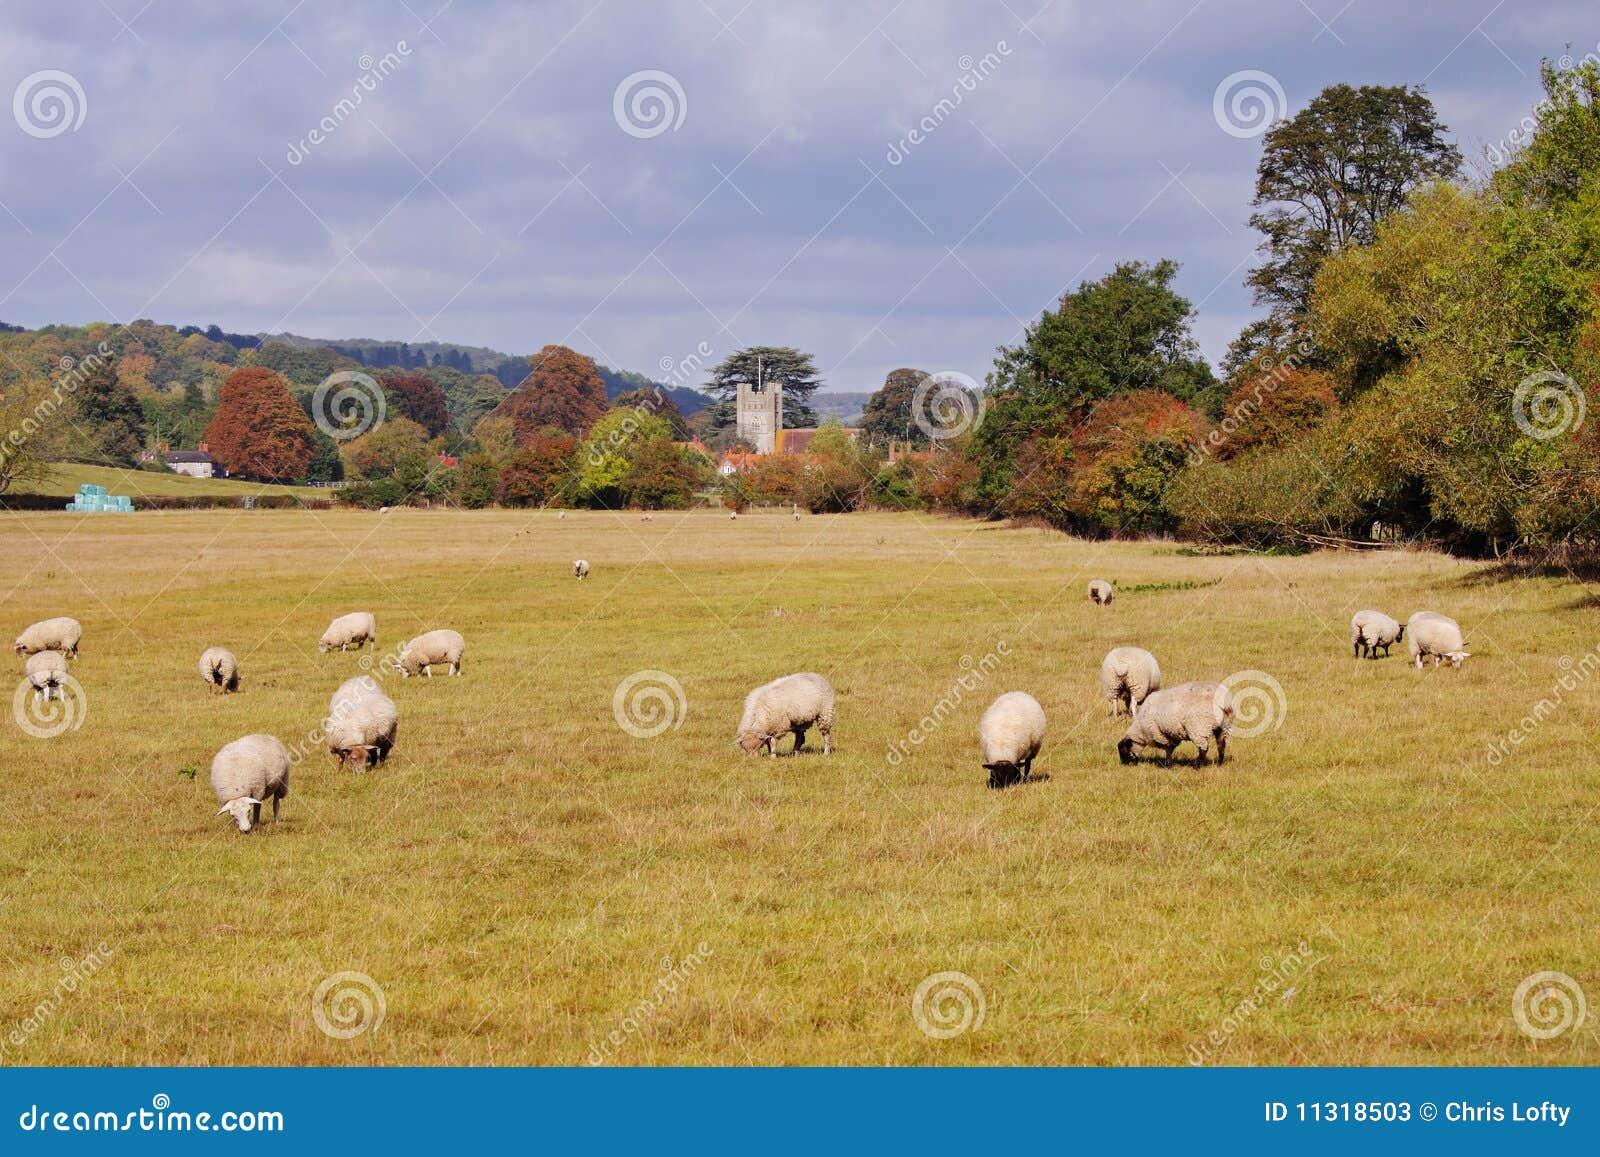 Eine englische landwirtschaftliche Landschaft